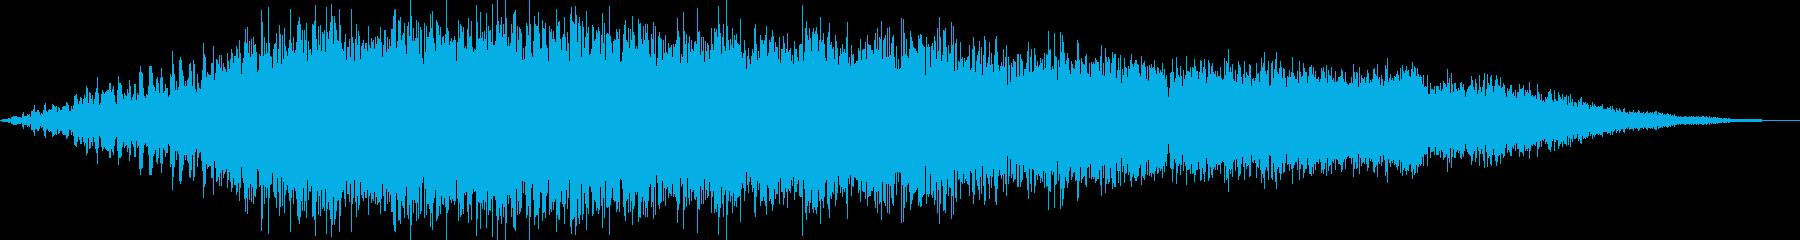 アンビエント 実験的な ゆっくり ...の再生済みの波形